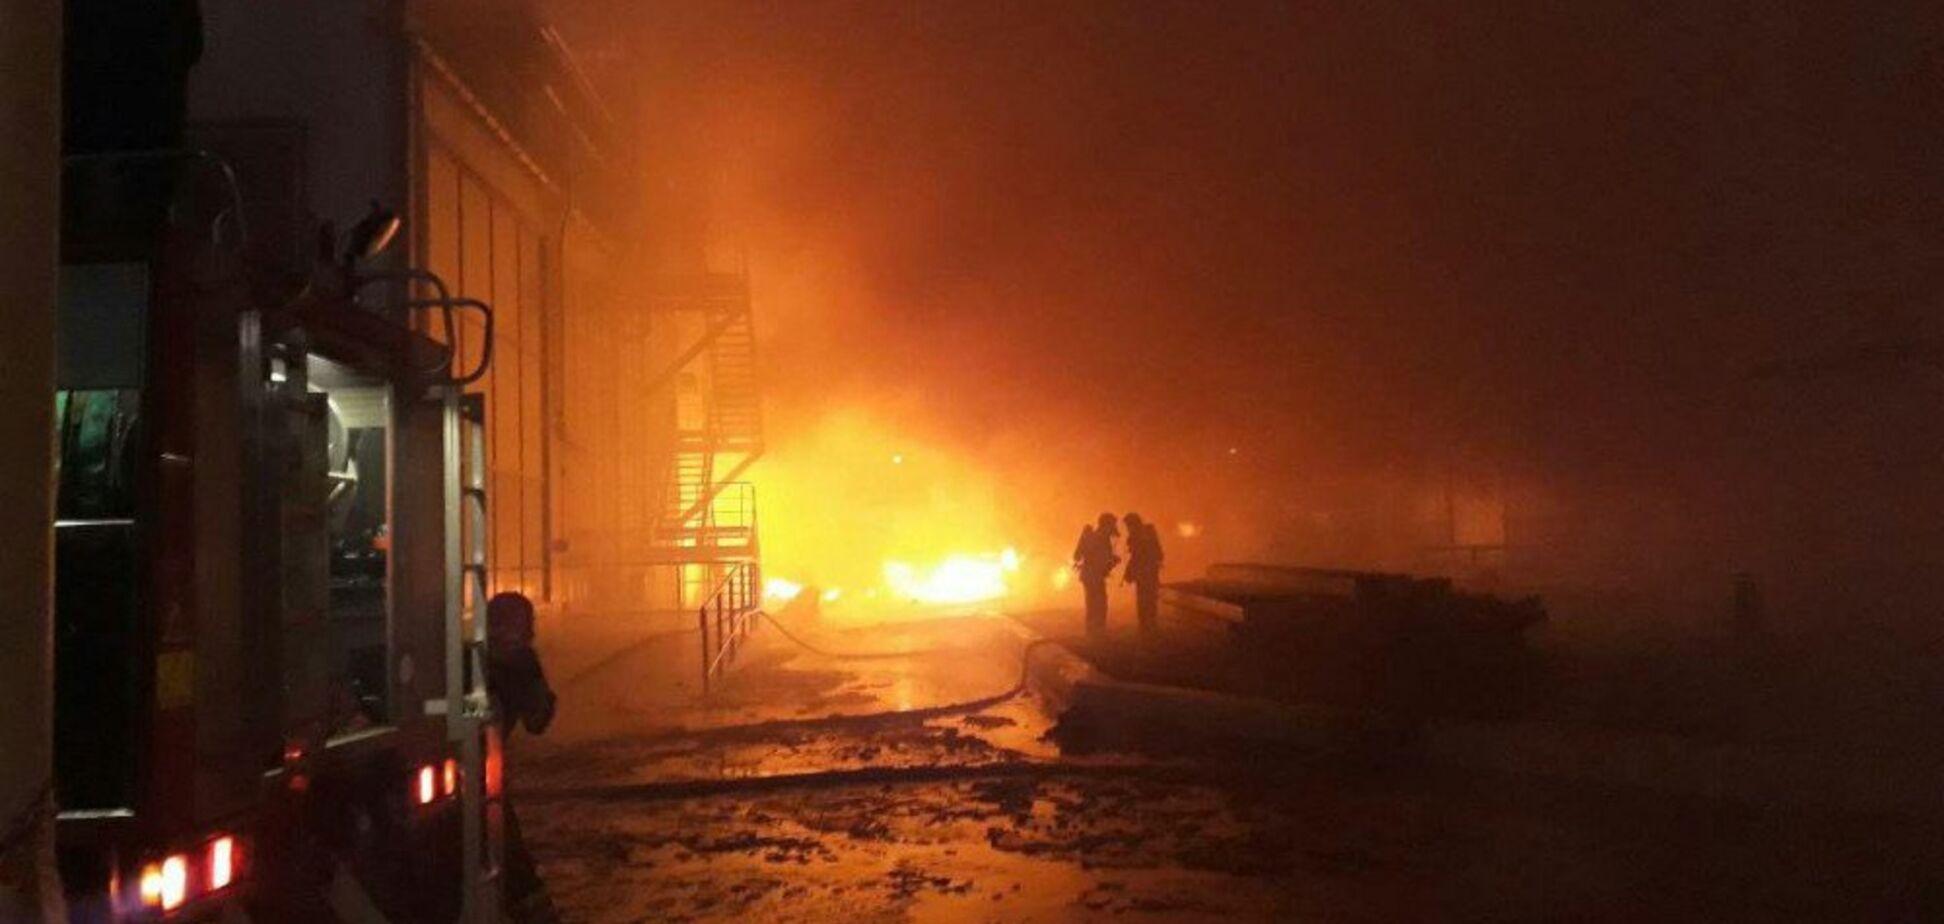 Пожежу на заводі під Одесою локалізовано: влада розповіла, що відбувається